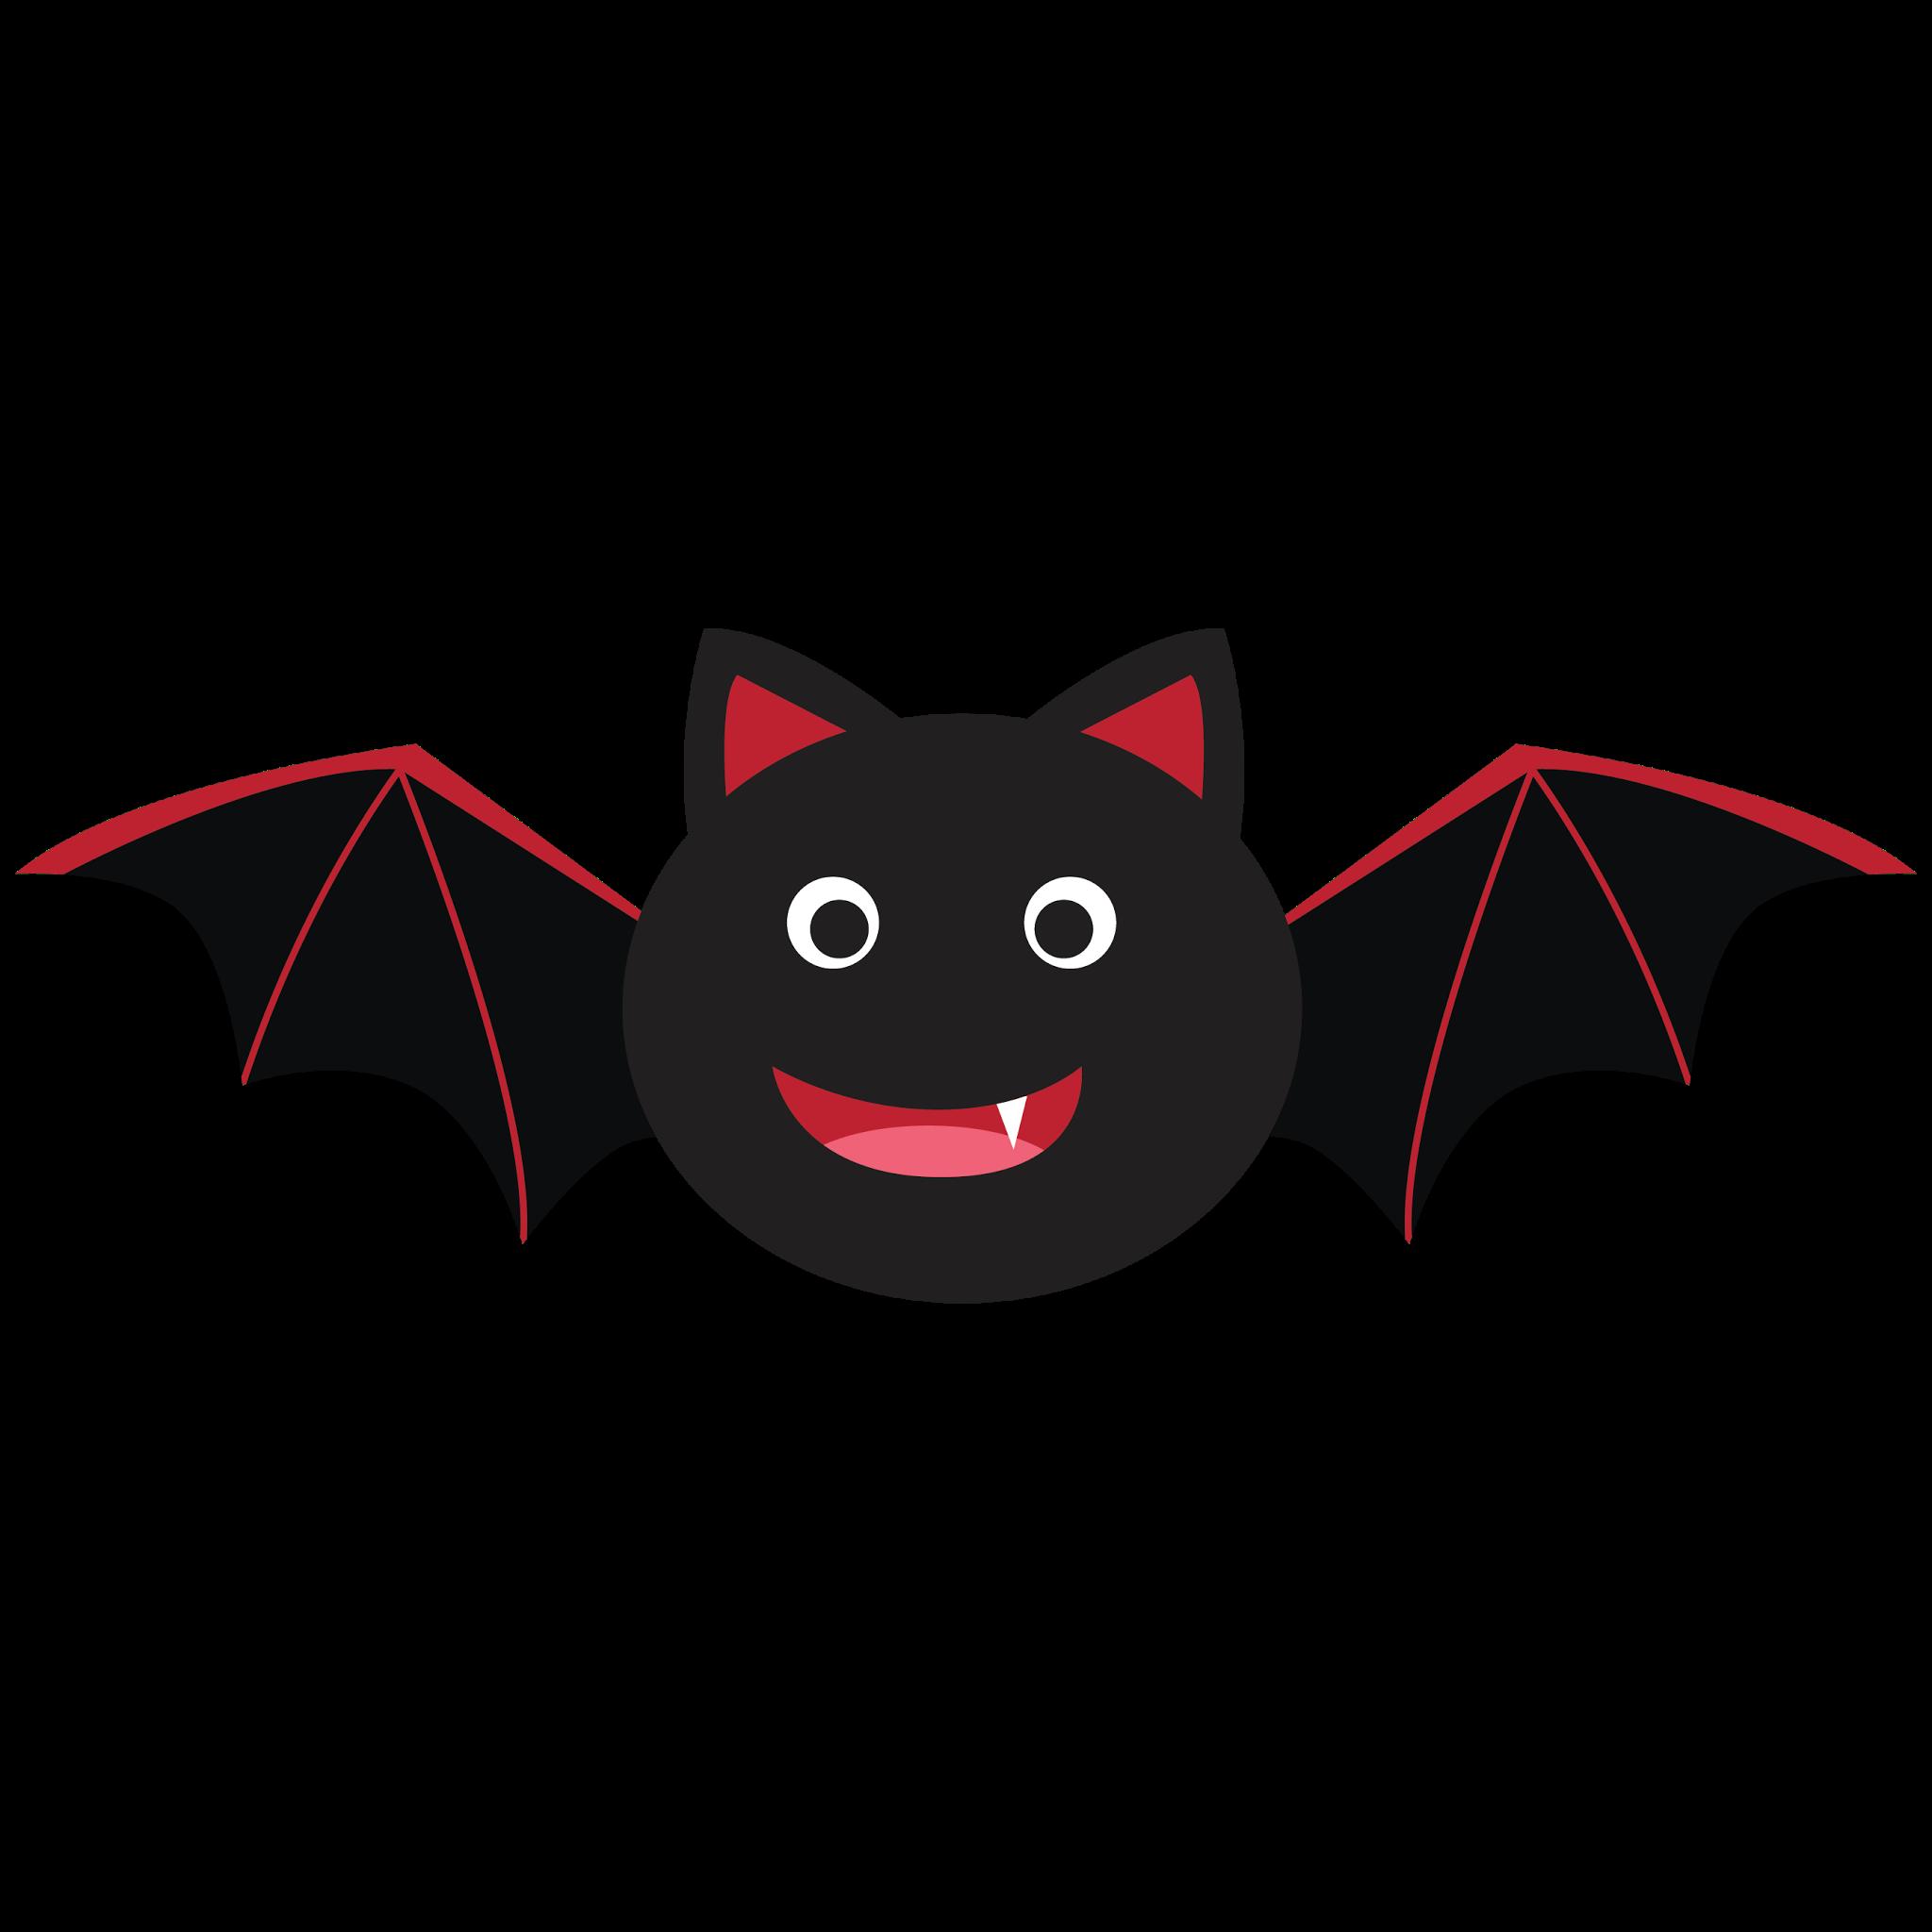 Bat Clipart 3-Bat clipart 3-7